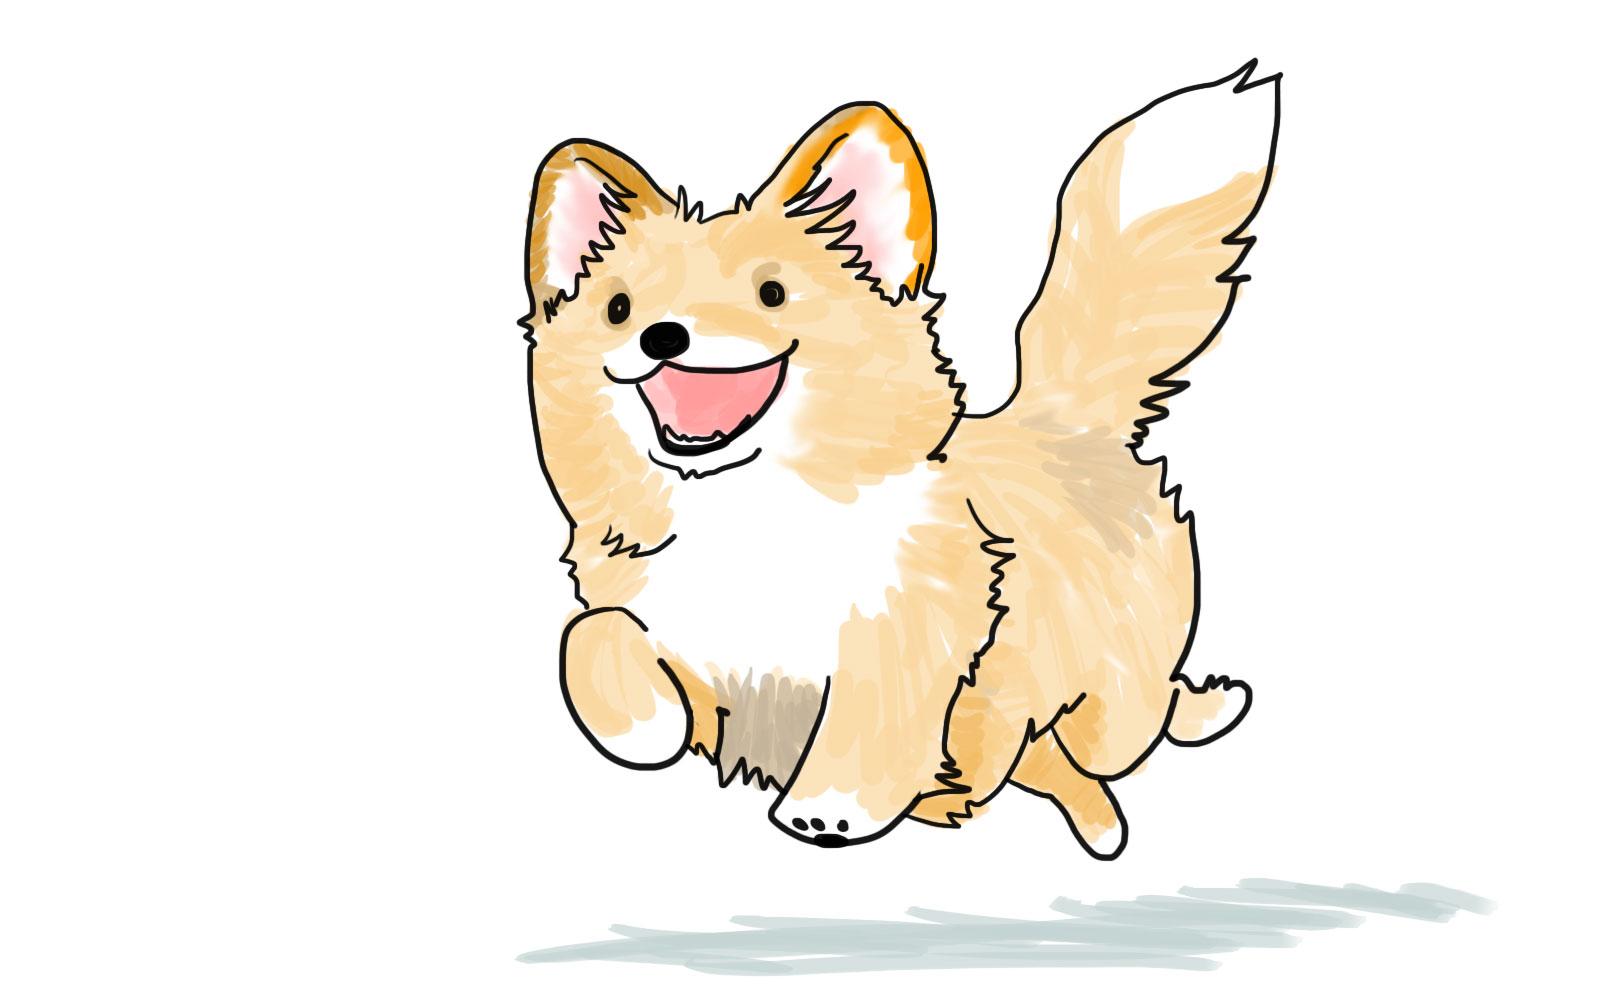 """画像 : 【600枚以上!】動物の可愛らしい画像まとめ!""""自然なモノ"""